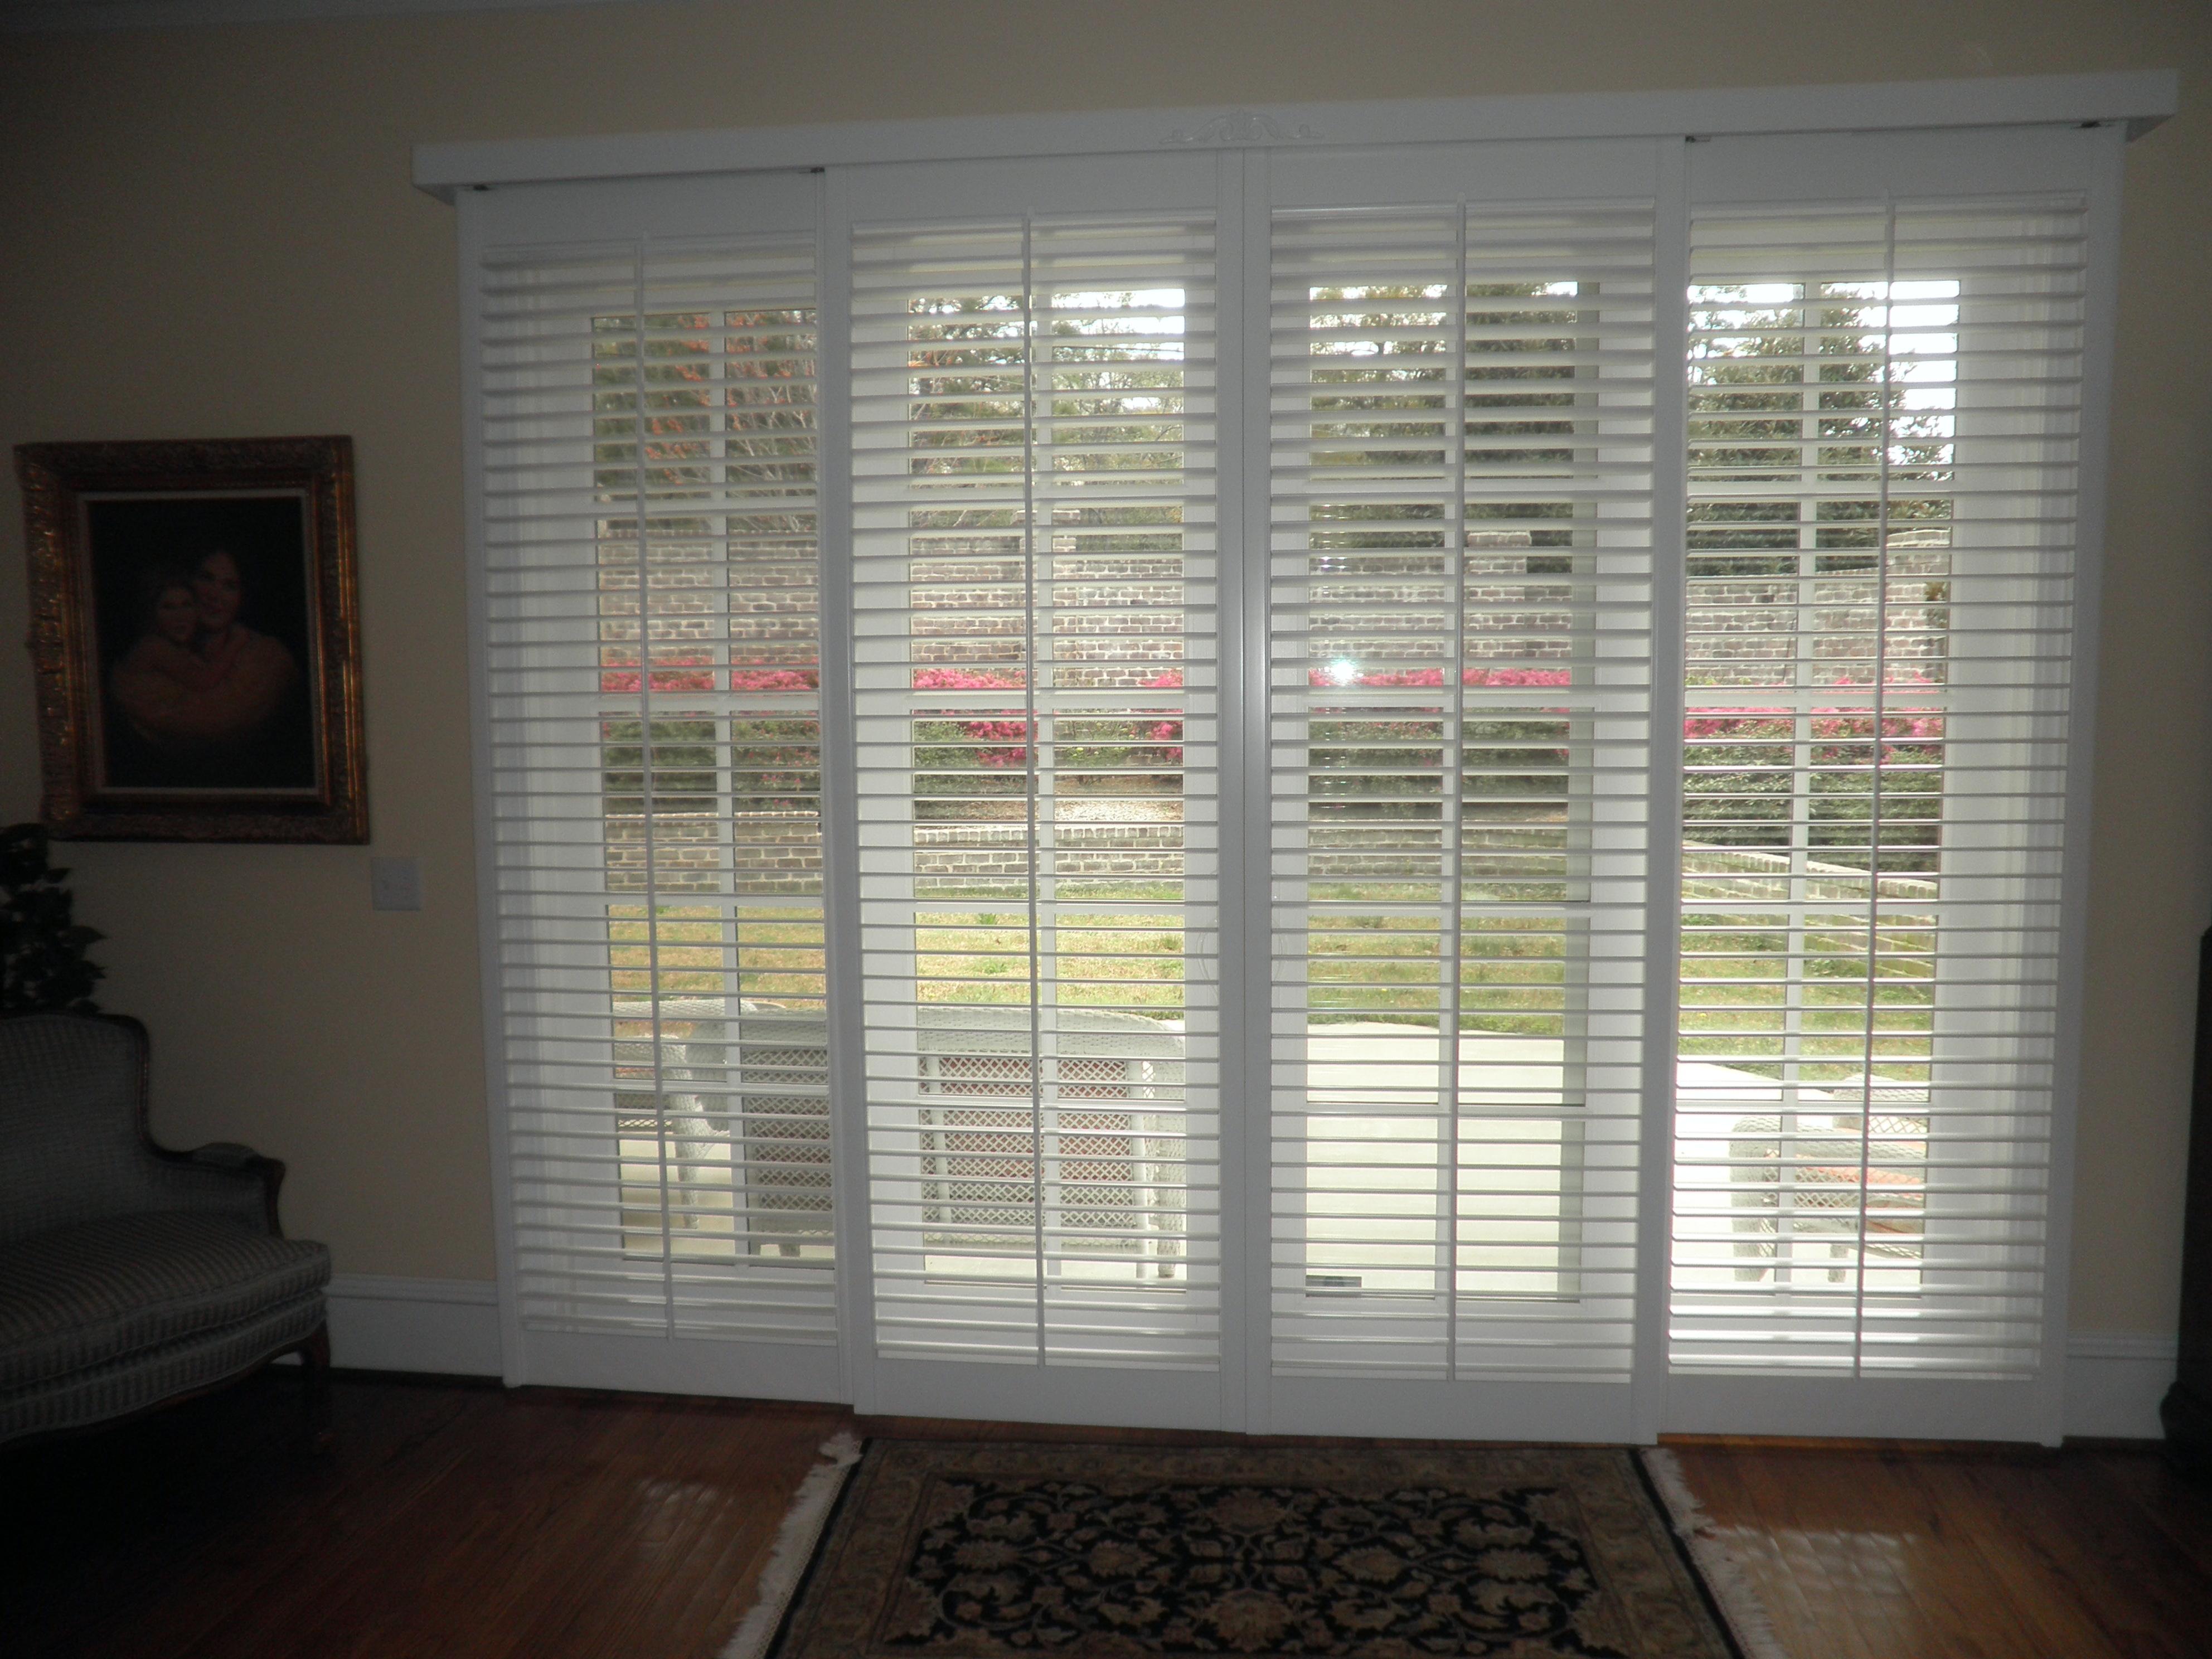 Shutters Blinds For Sliding Glass DoorsShutters Blinds For Sliding Glass Doors